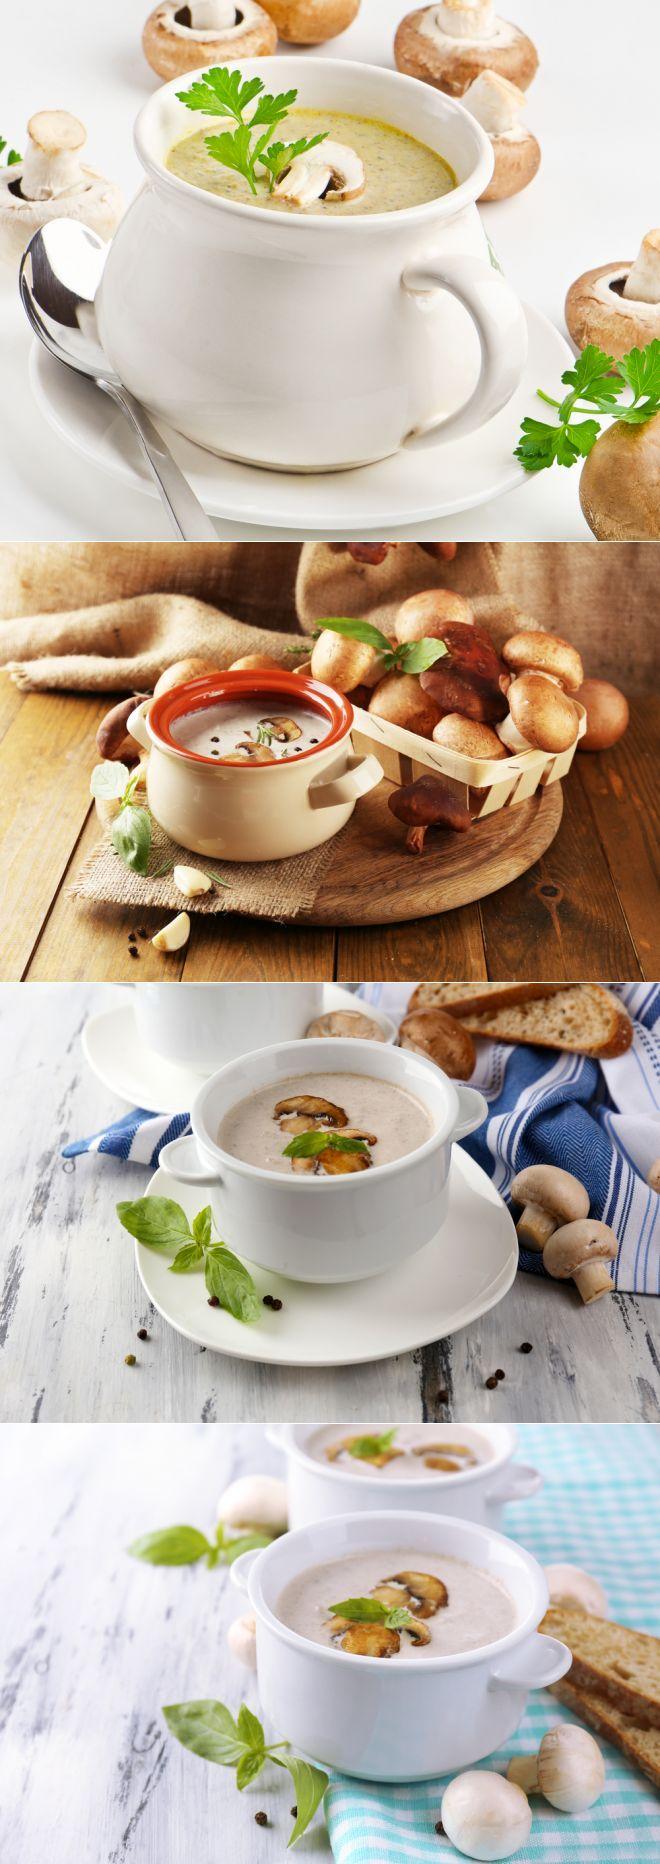 Рецепты вкуснейшего грибного крем-супа: 4 варианта блюда с шампиньонами